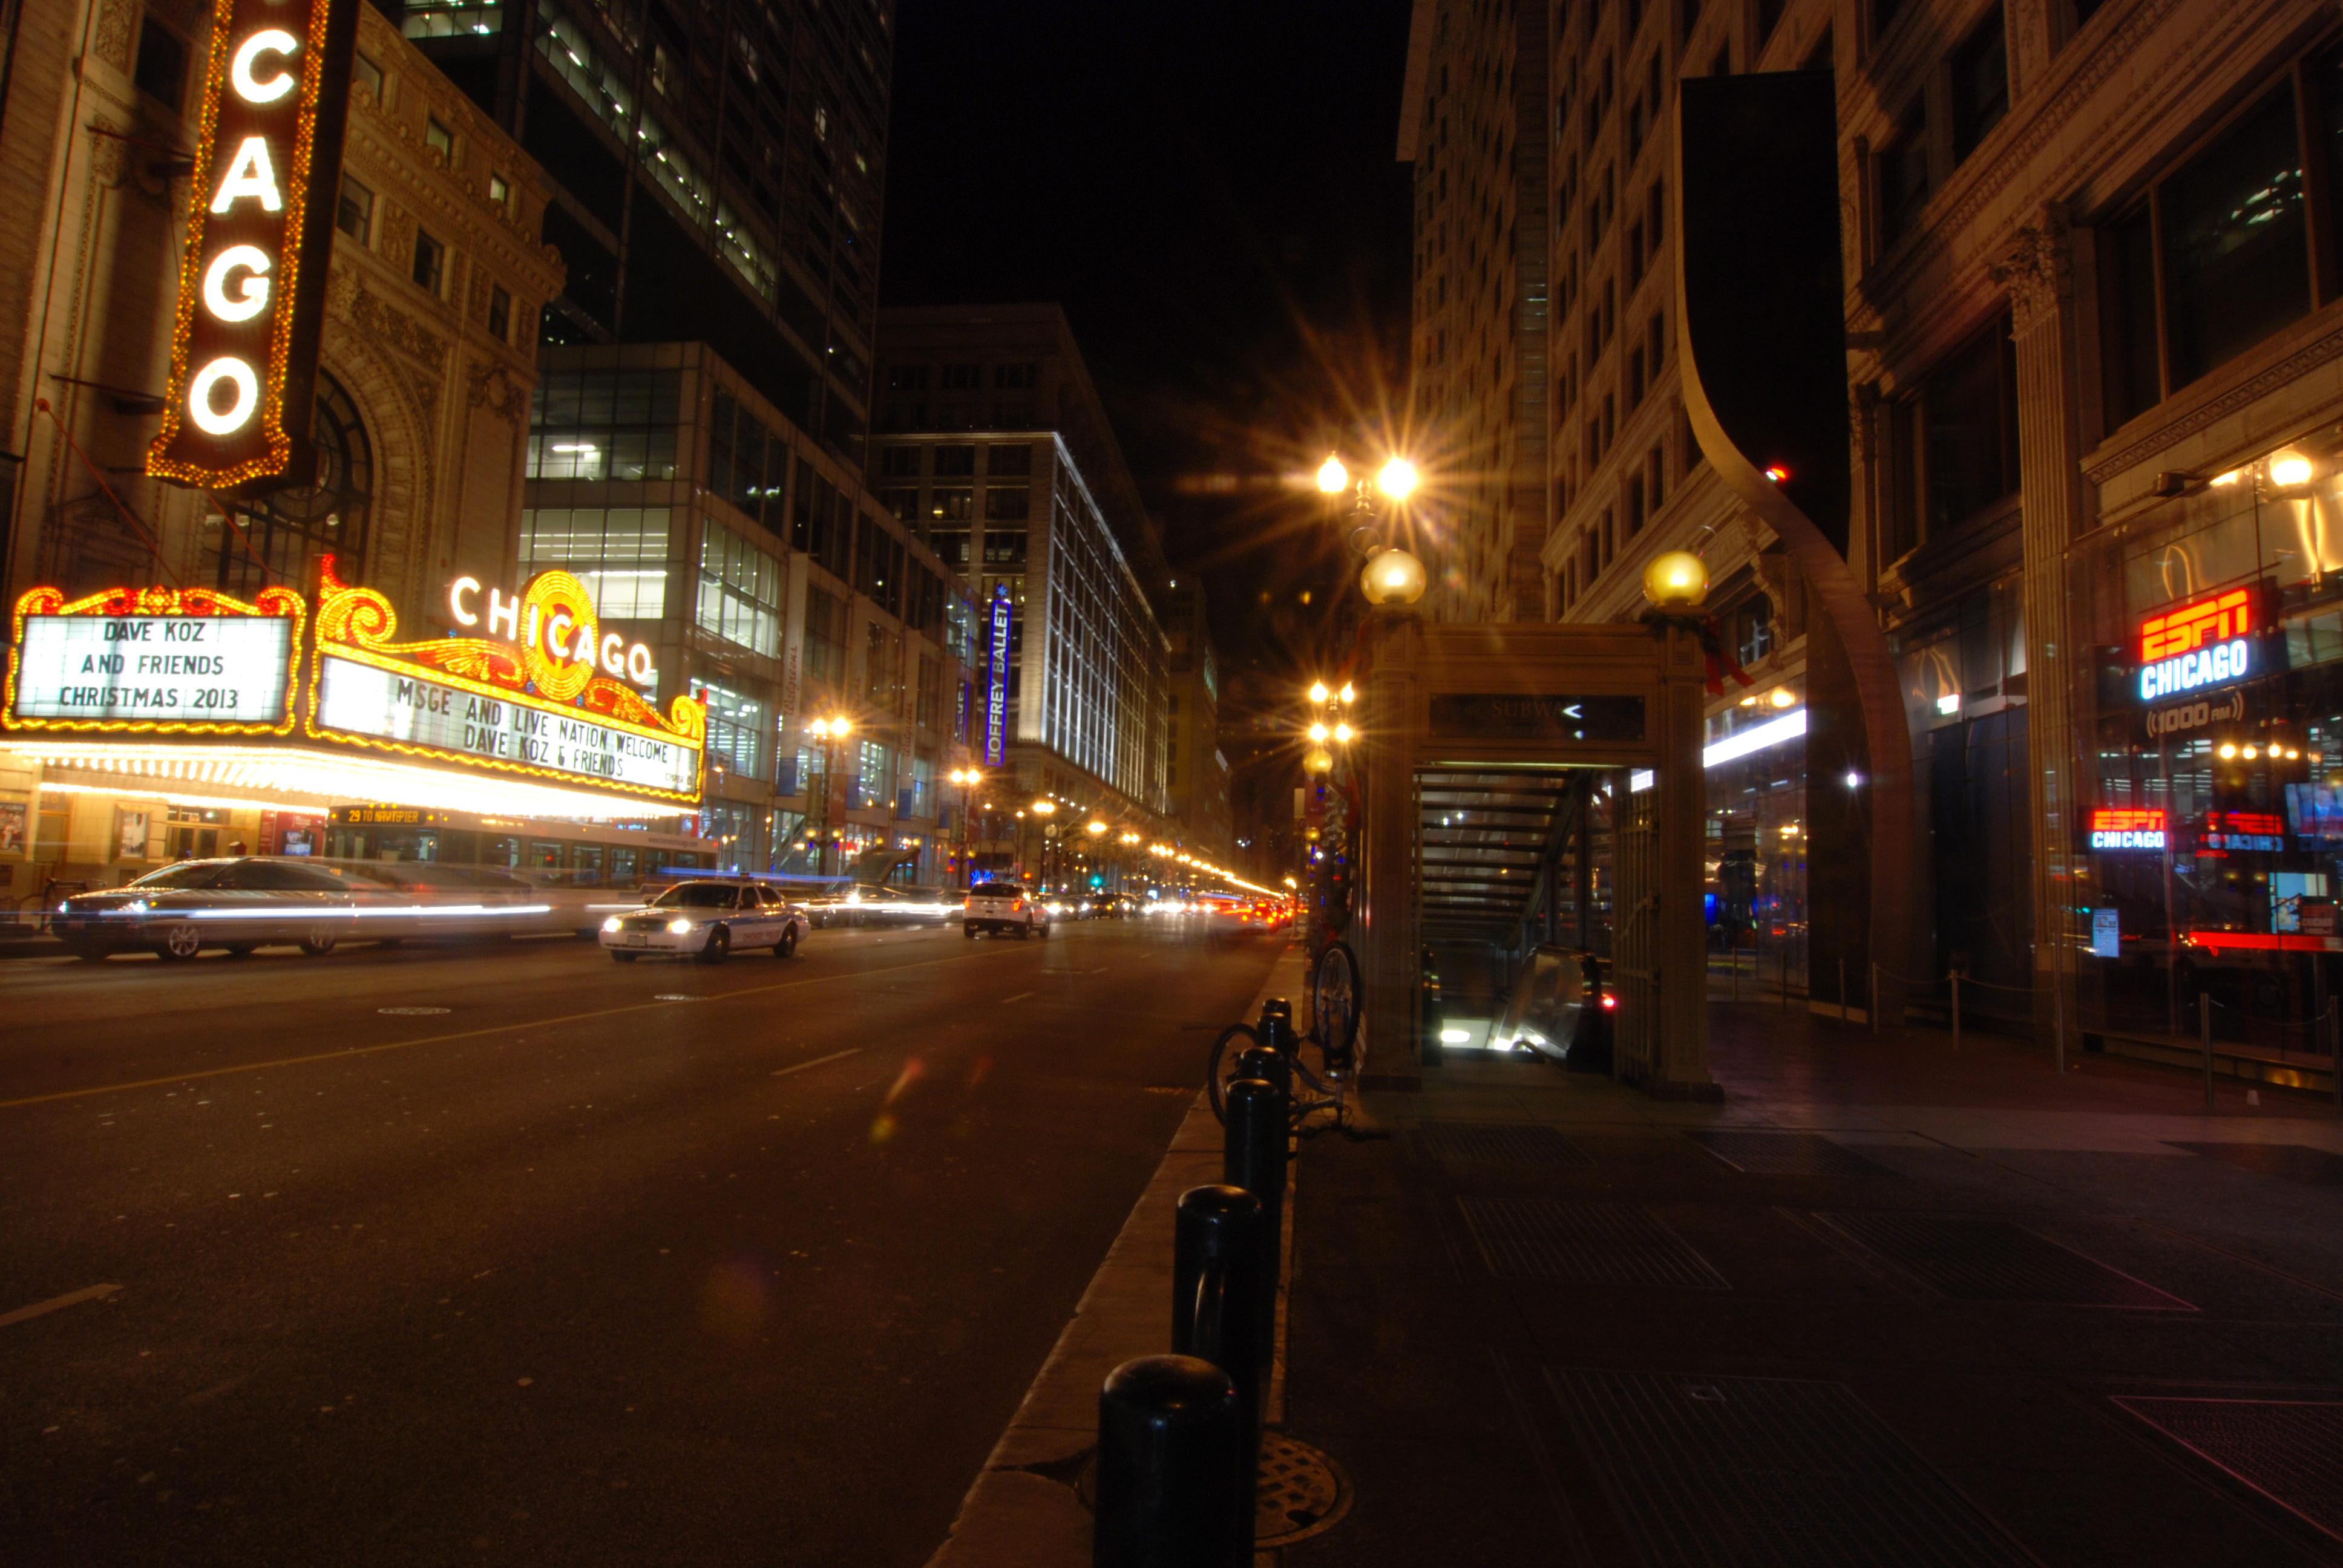 シカゴ劇場前 ポール灯がクラシカルなデザインのものに変わっていた